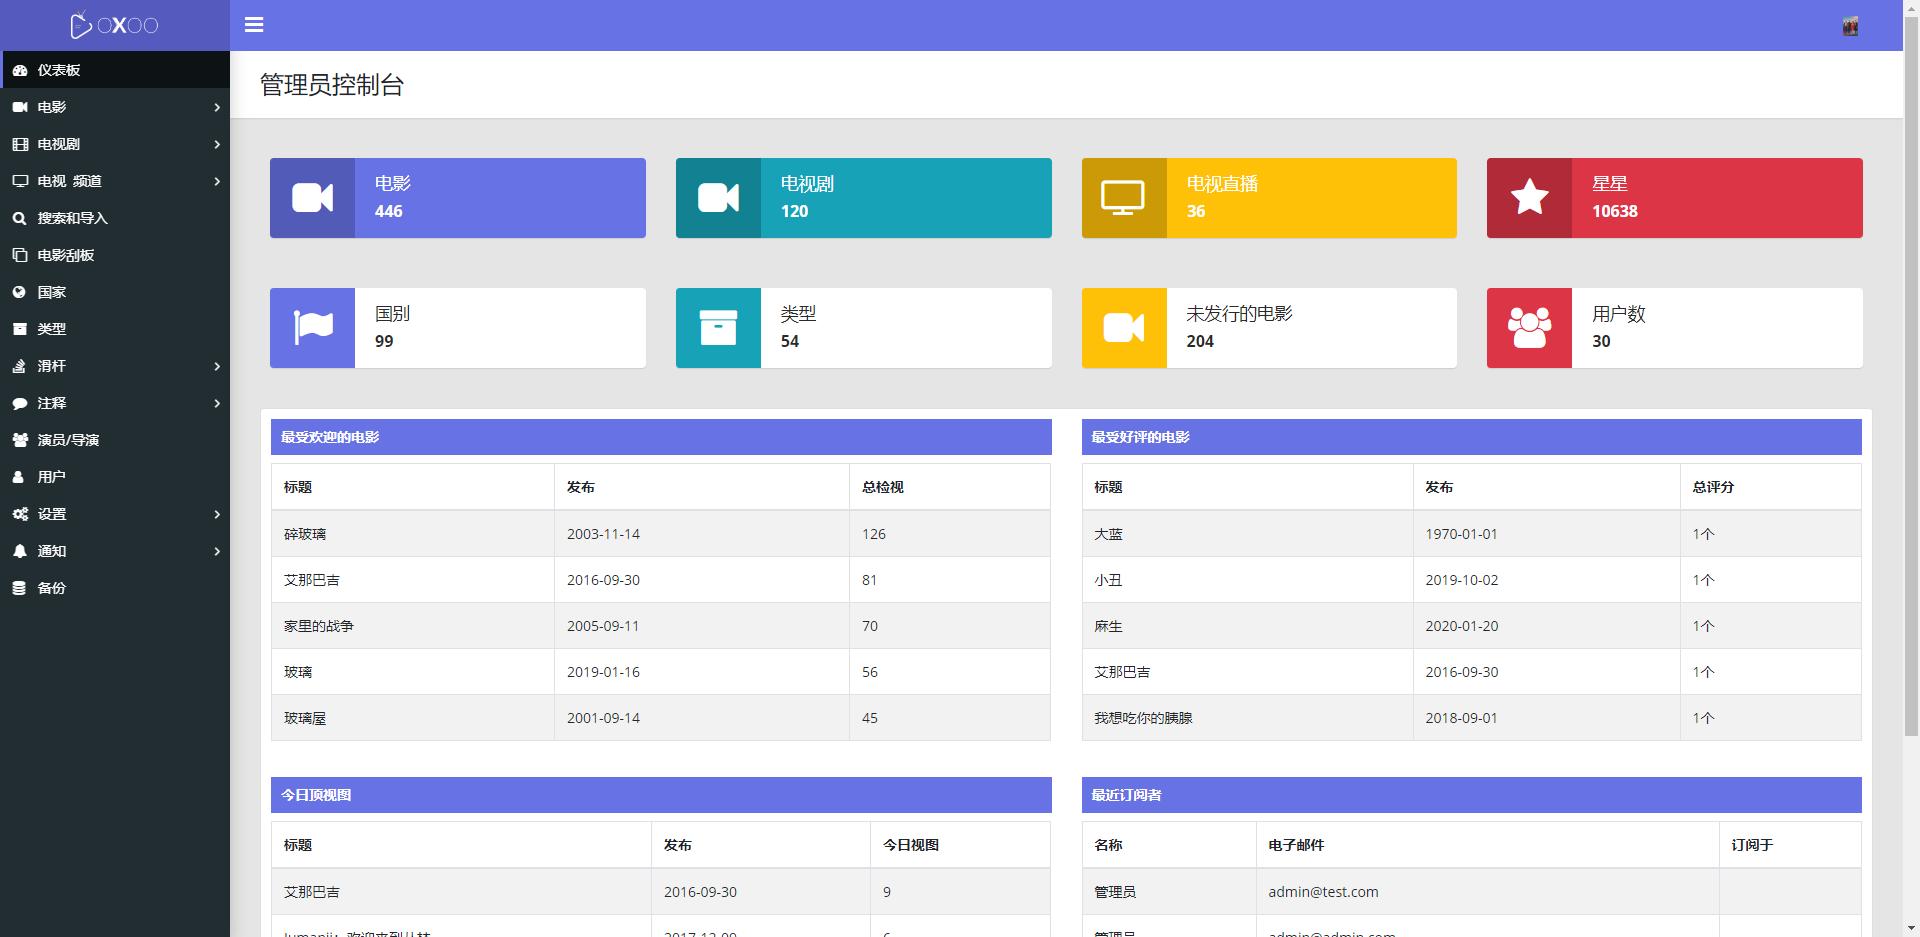 【国外源码】OVOO v3.1.2电影电视剧点播程序已破解-常网小站Miknio